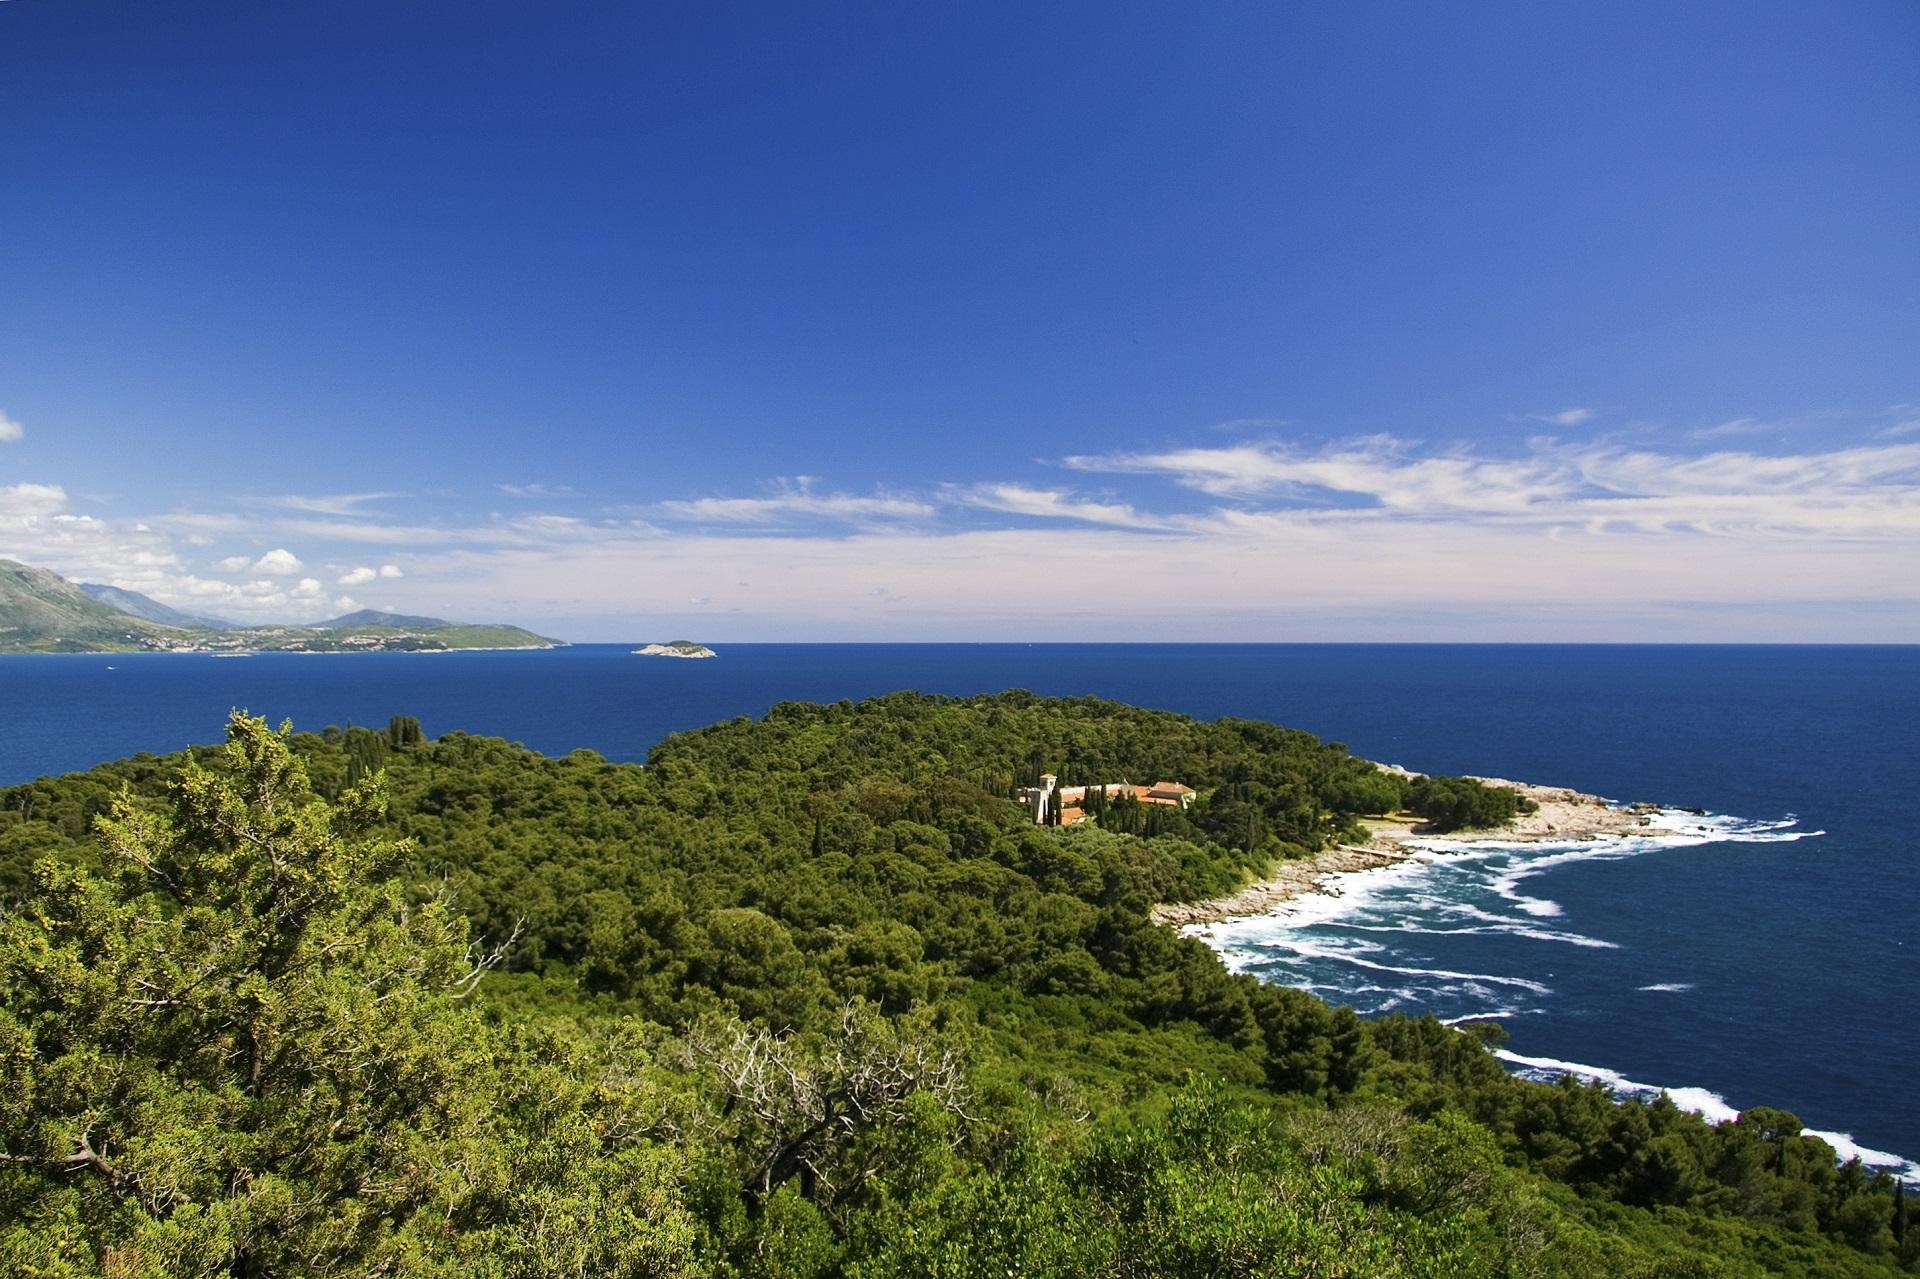 Die Insel Lokrum in Kroatien, nahe Dubrovnik.